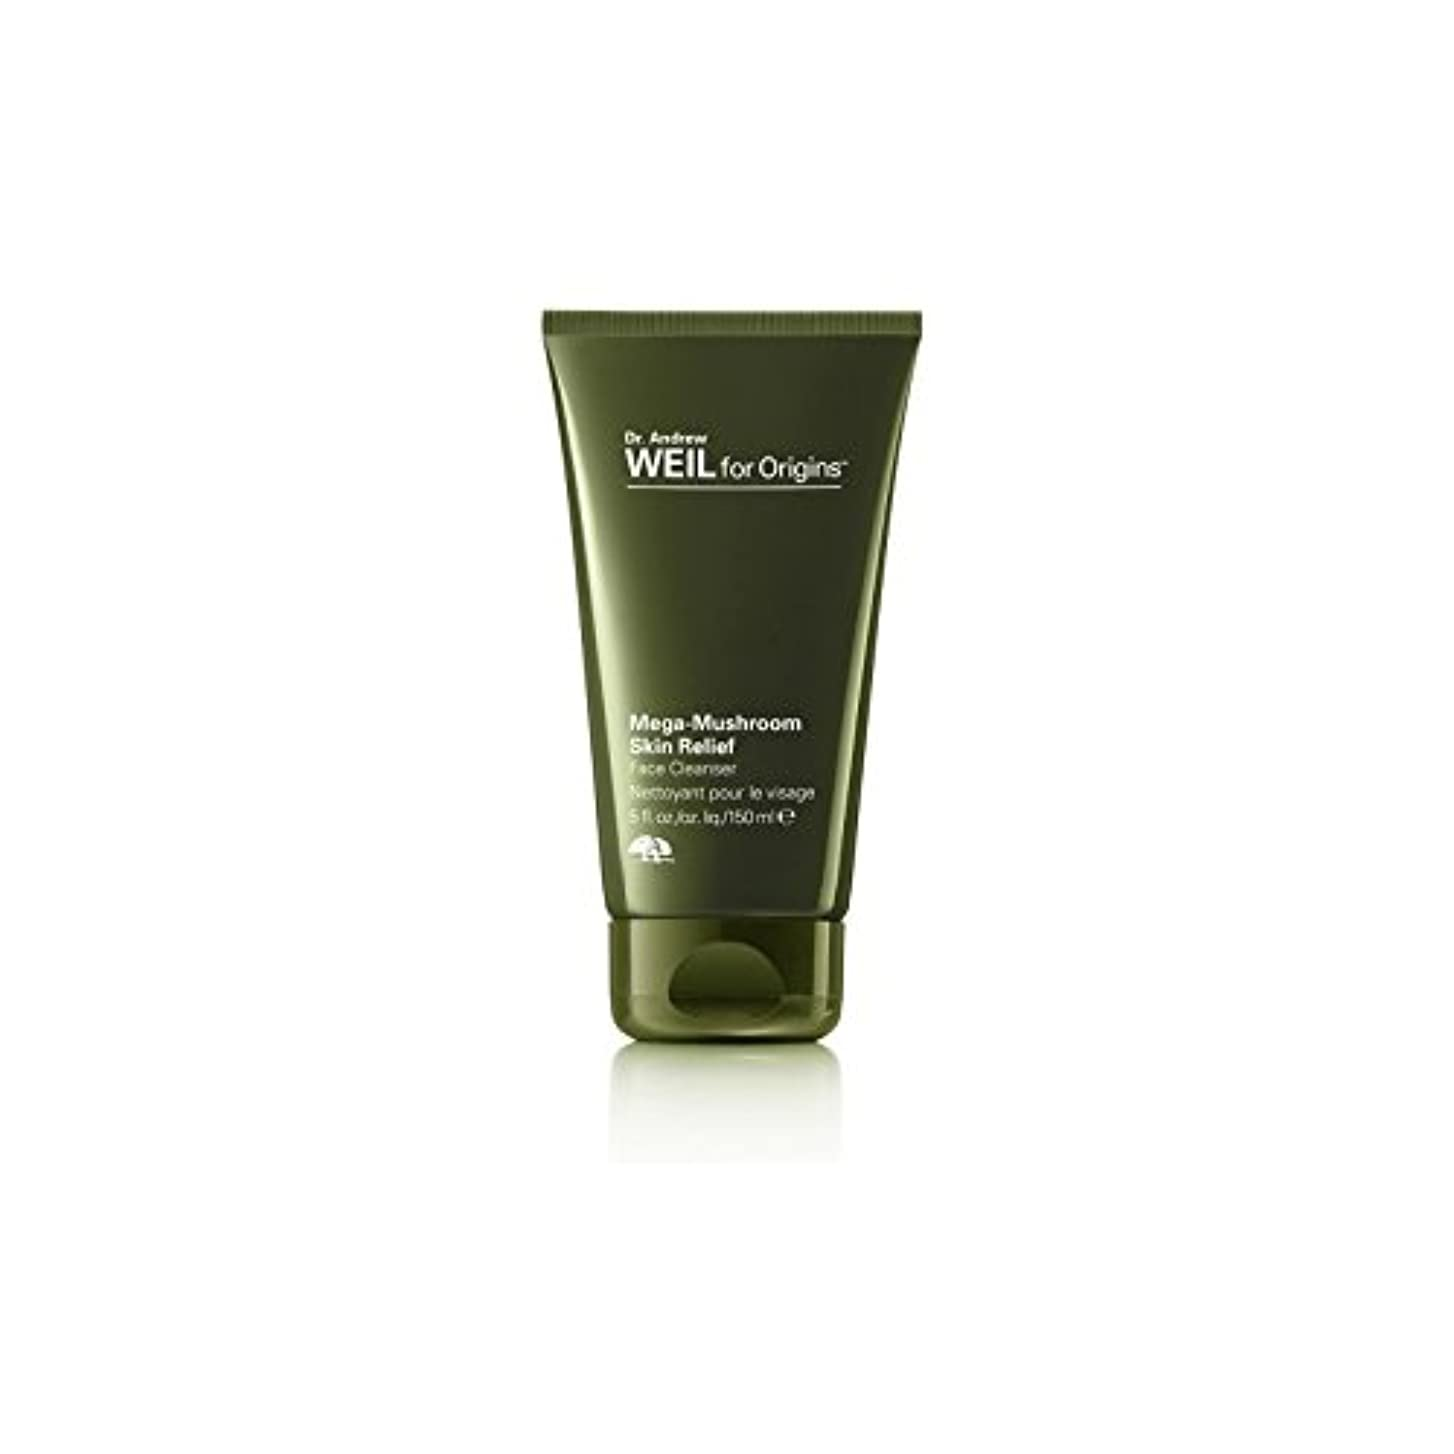 ジョージエリオットラインナップサーキットに行くOrigins Dr. Andrew Weil For Origins Mega-Mushroom Skin Relief Face Cleanser 150ml - 起源アンドルー?ワイル起源メガキノコ皮膚救済顔クレンザー...